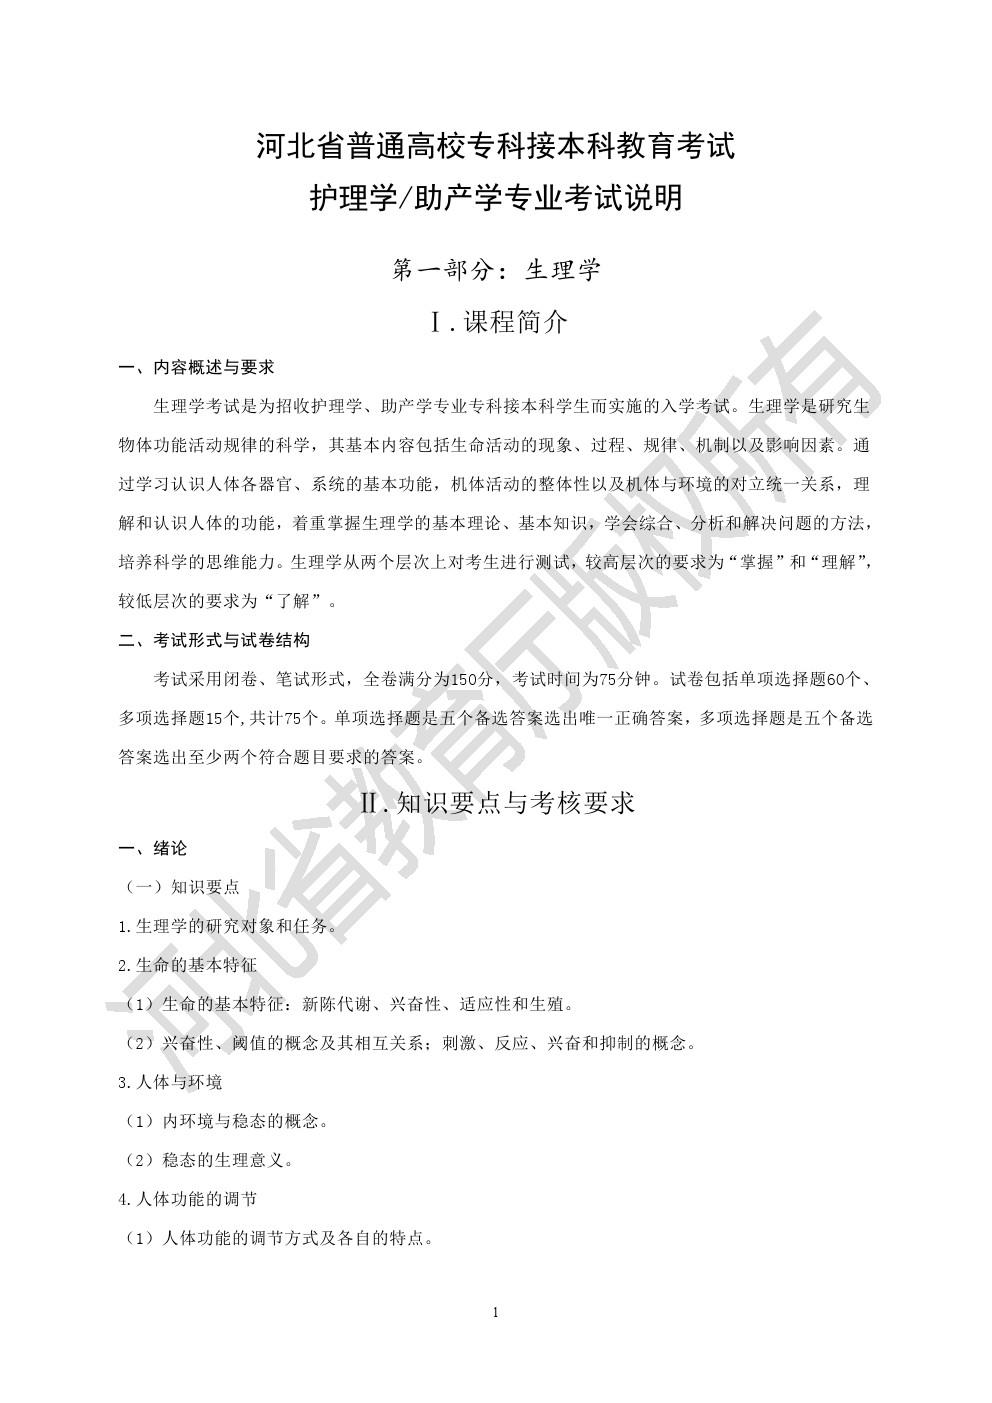 2020年河北省专接本考试医学类-护理学、助产学专业考试说明(生理学、人体解剖学)